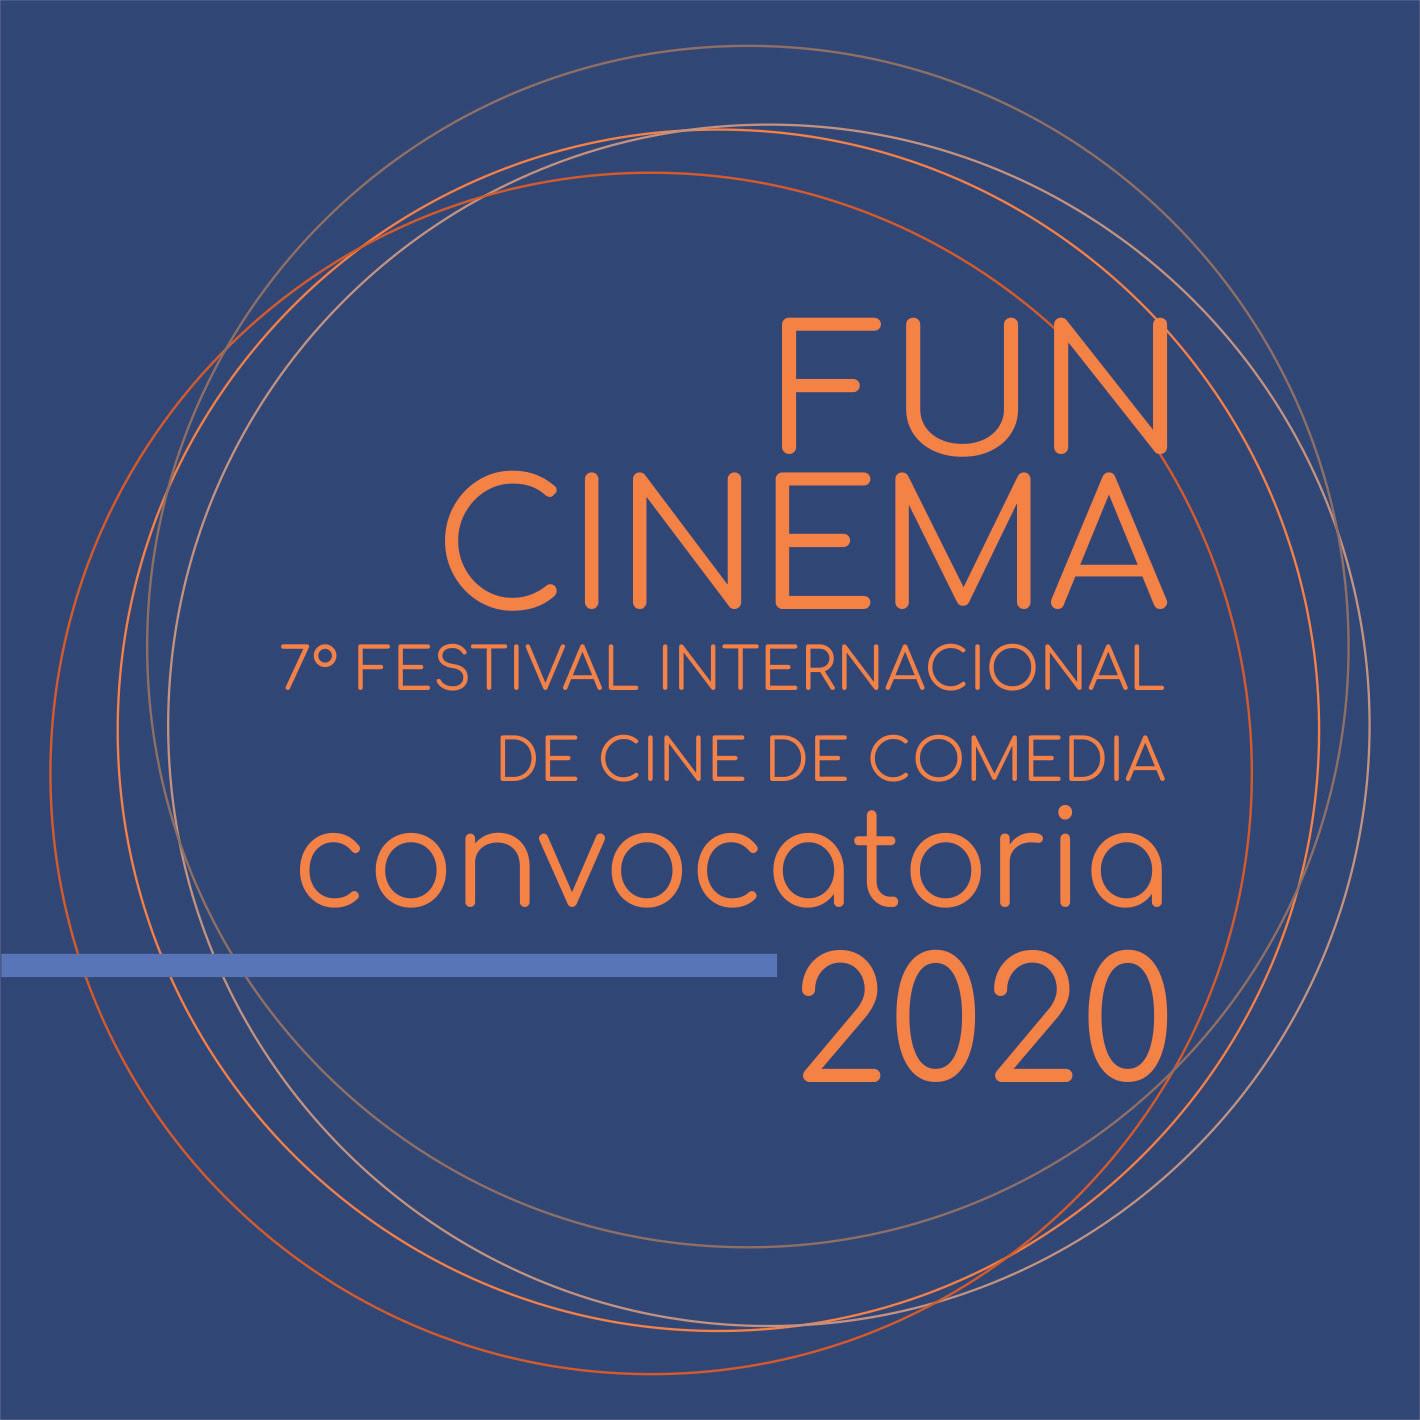 Abren la convocatoria para el 7° Festival Internacional de Cine de Comedia – Funcinema